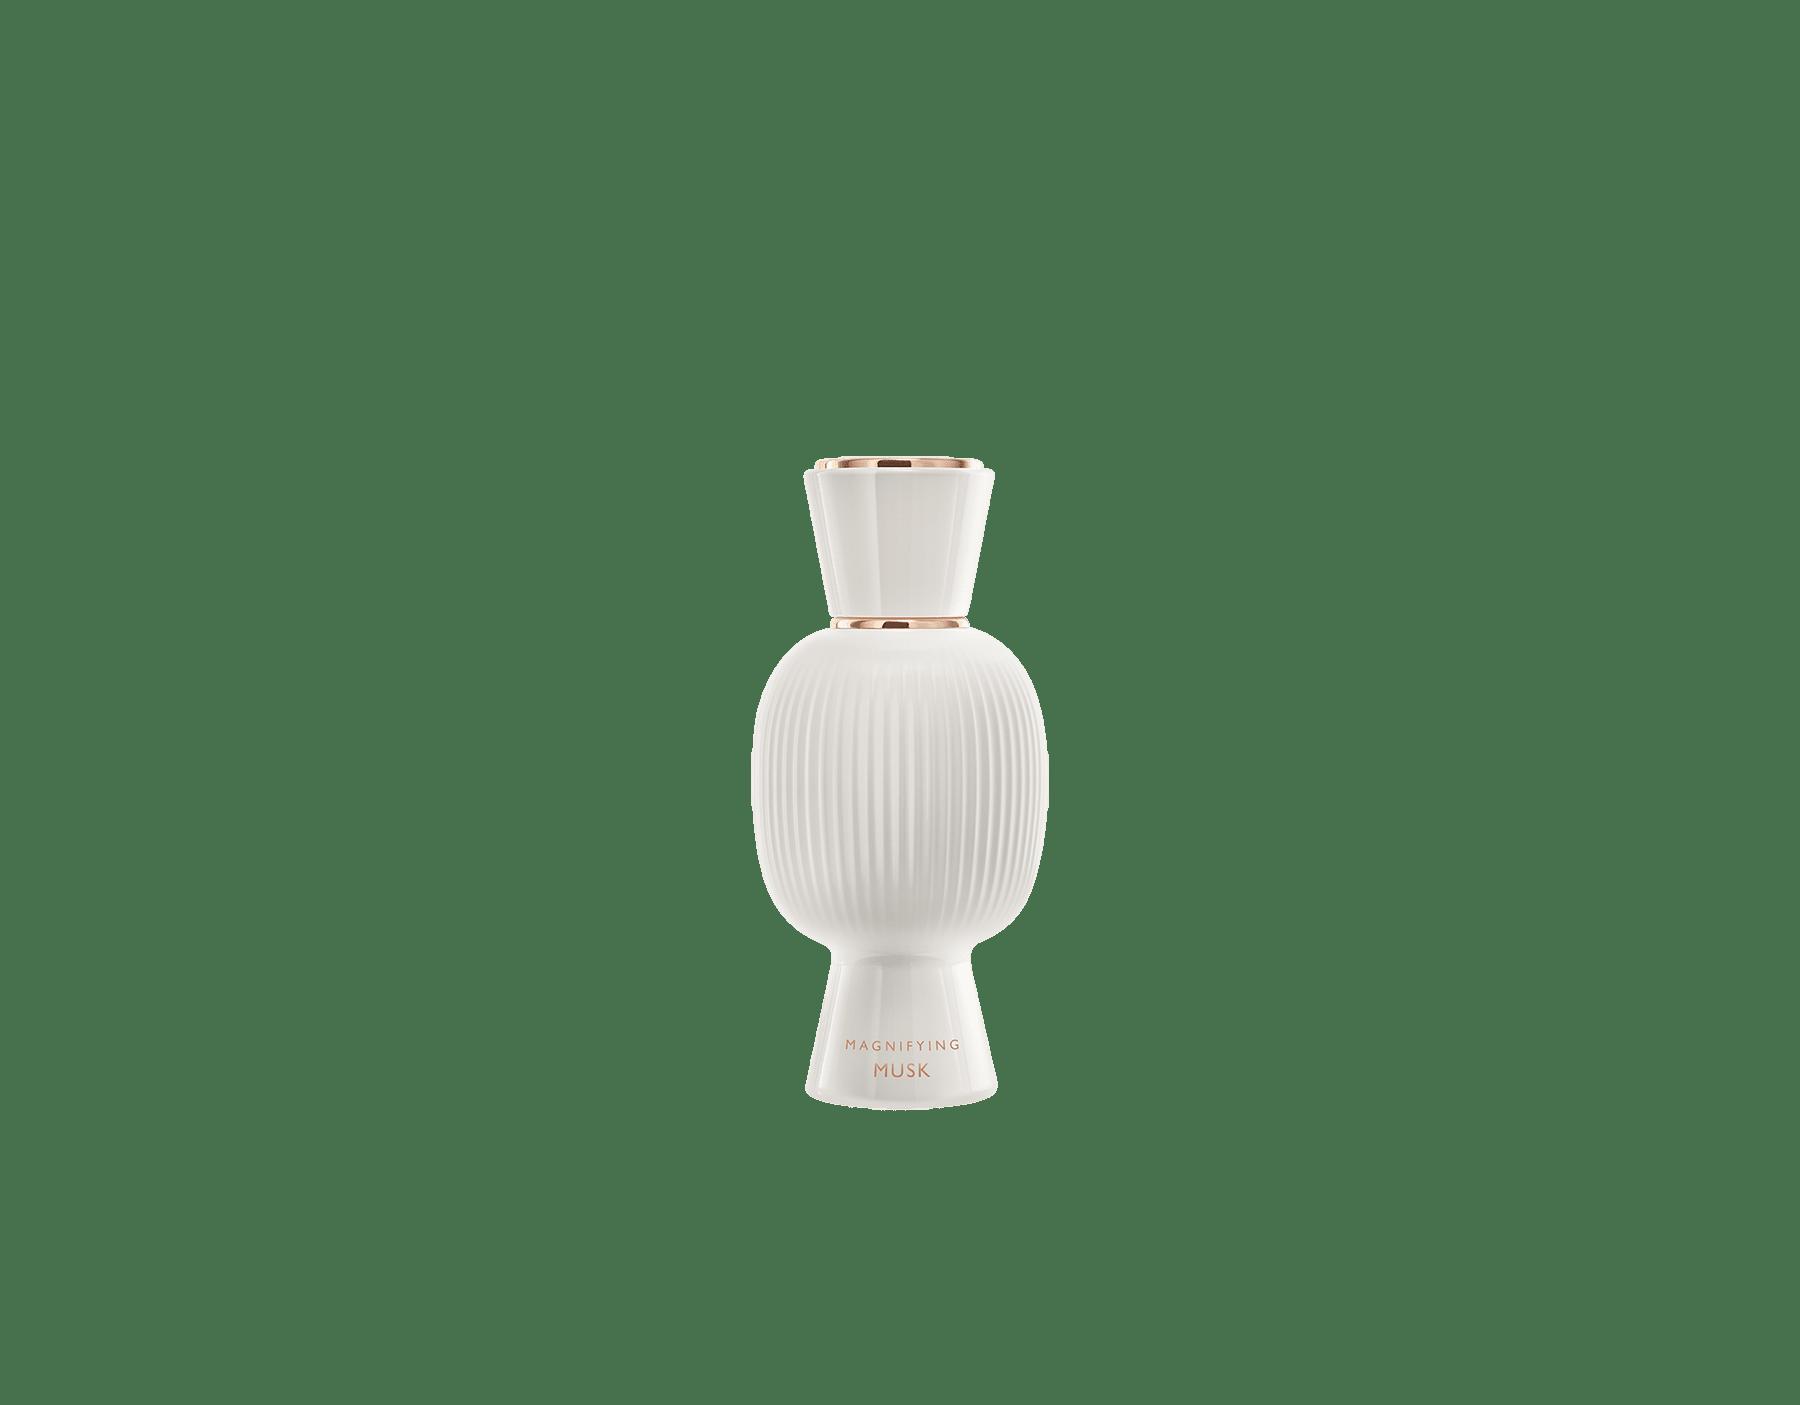 獨特香水套組,和您一樣大膽特別。閃耀柑橘光芒的 Riva Solare Allegra 淡香精融合溫暖醇厚的 Magnifying Musk 麝香精華,創造出個性鮮明的女香。 Perfume-Set-Riva-Solare-Eau-de-Parfum-and-Musk-Magnifying image 3